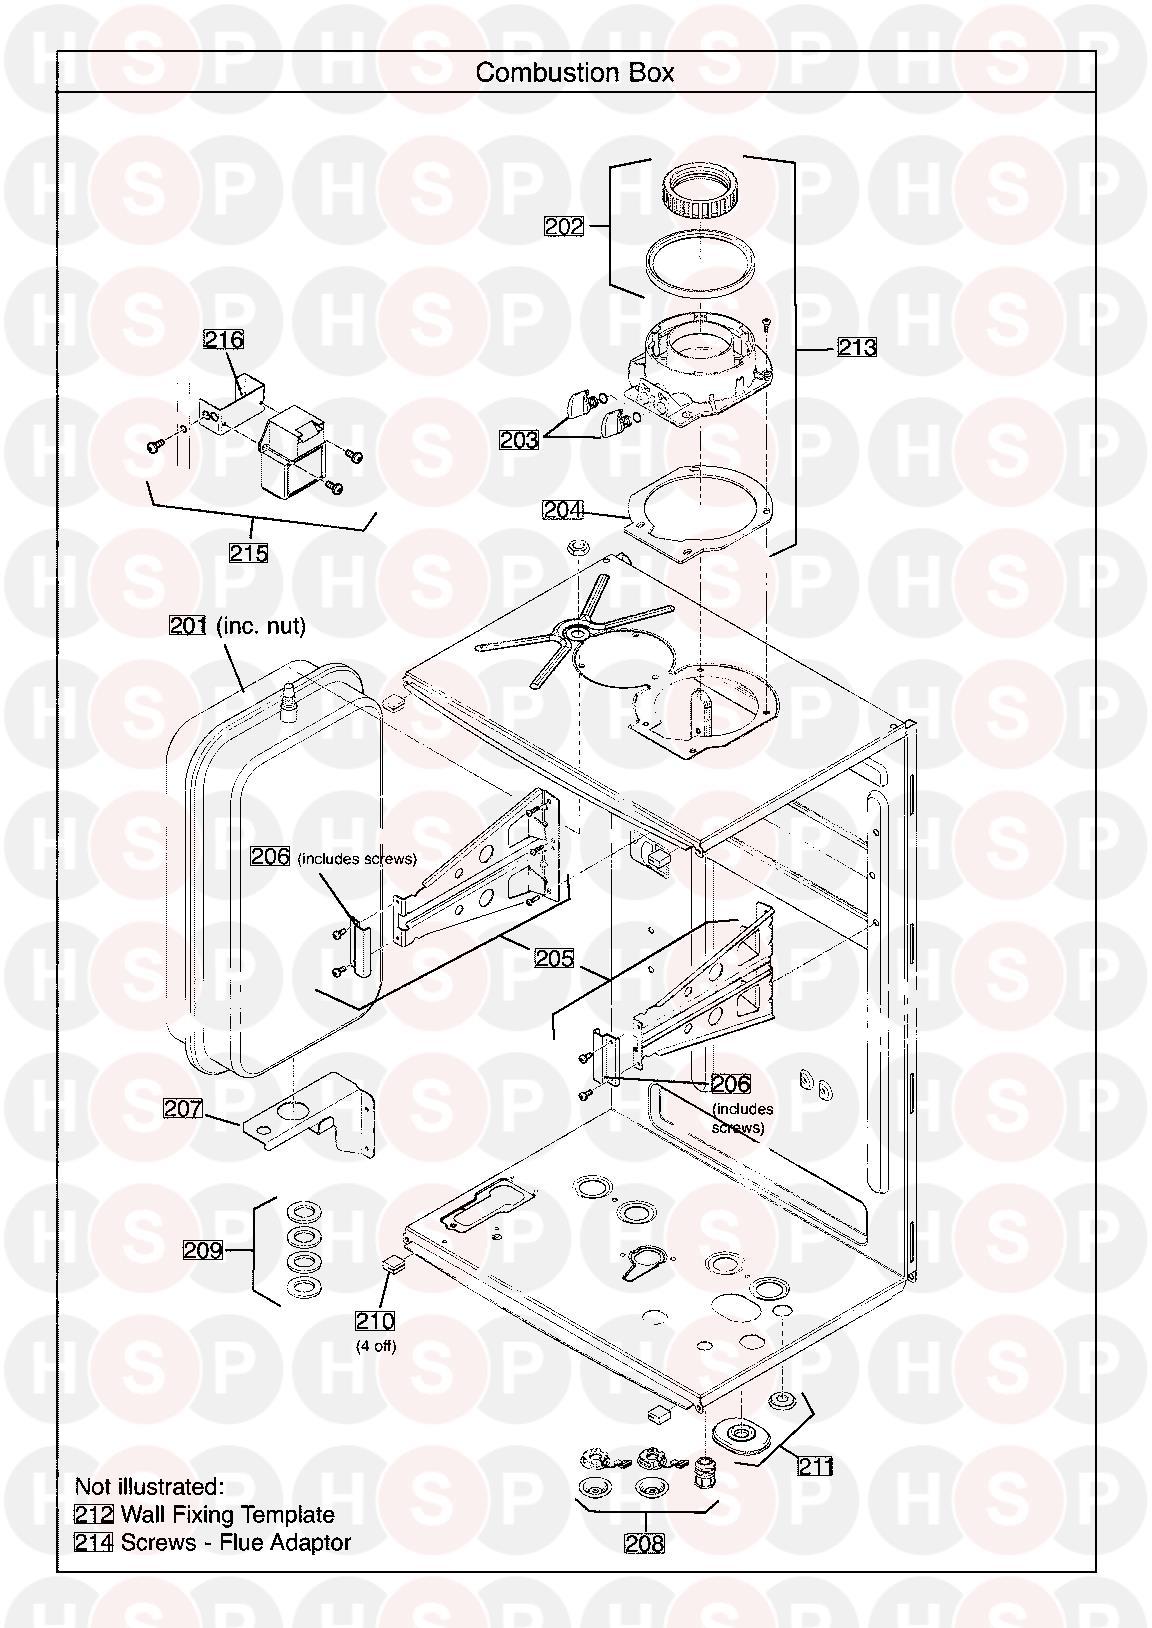 baxi advance combi 24 erp appliance diagram  combustion